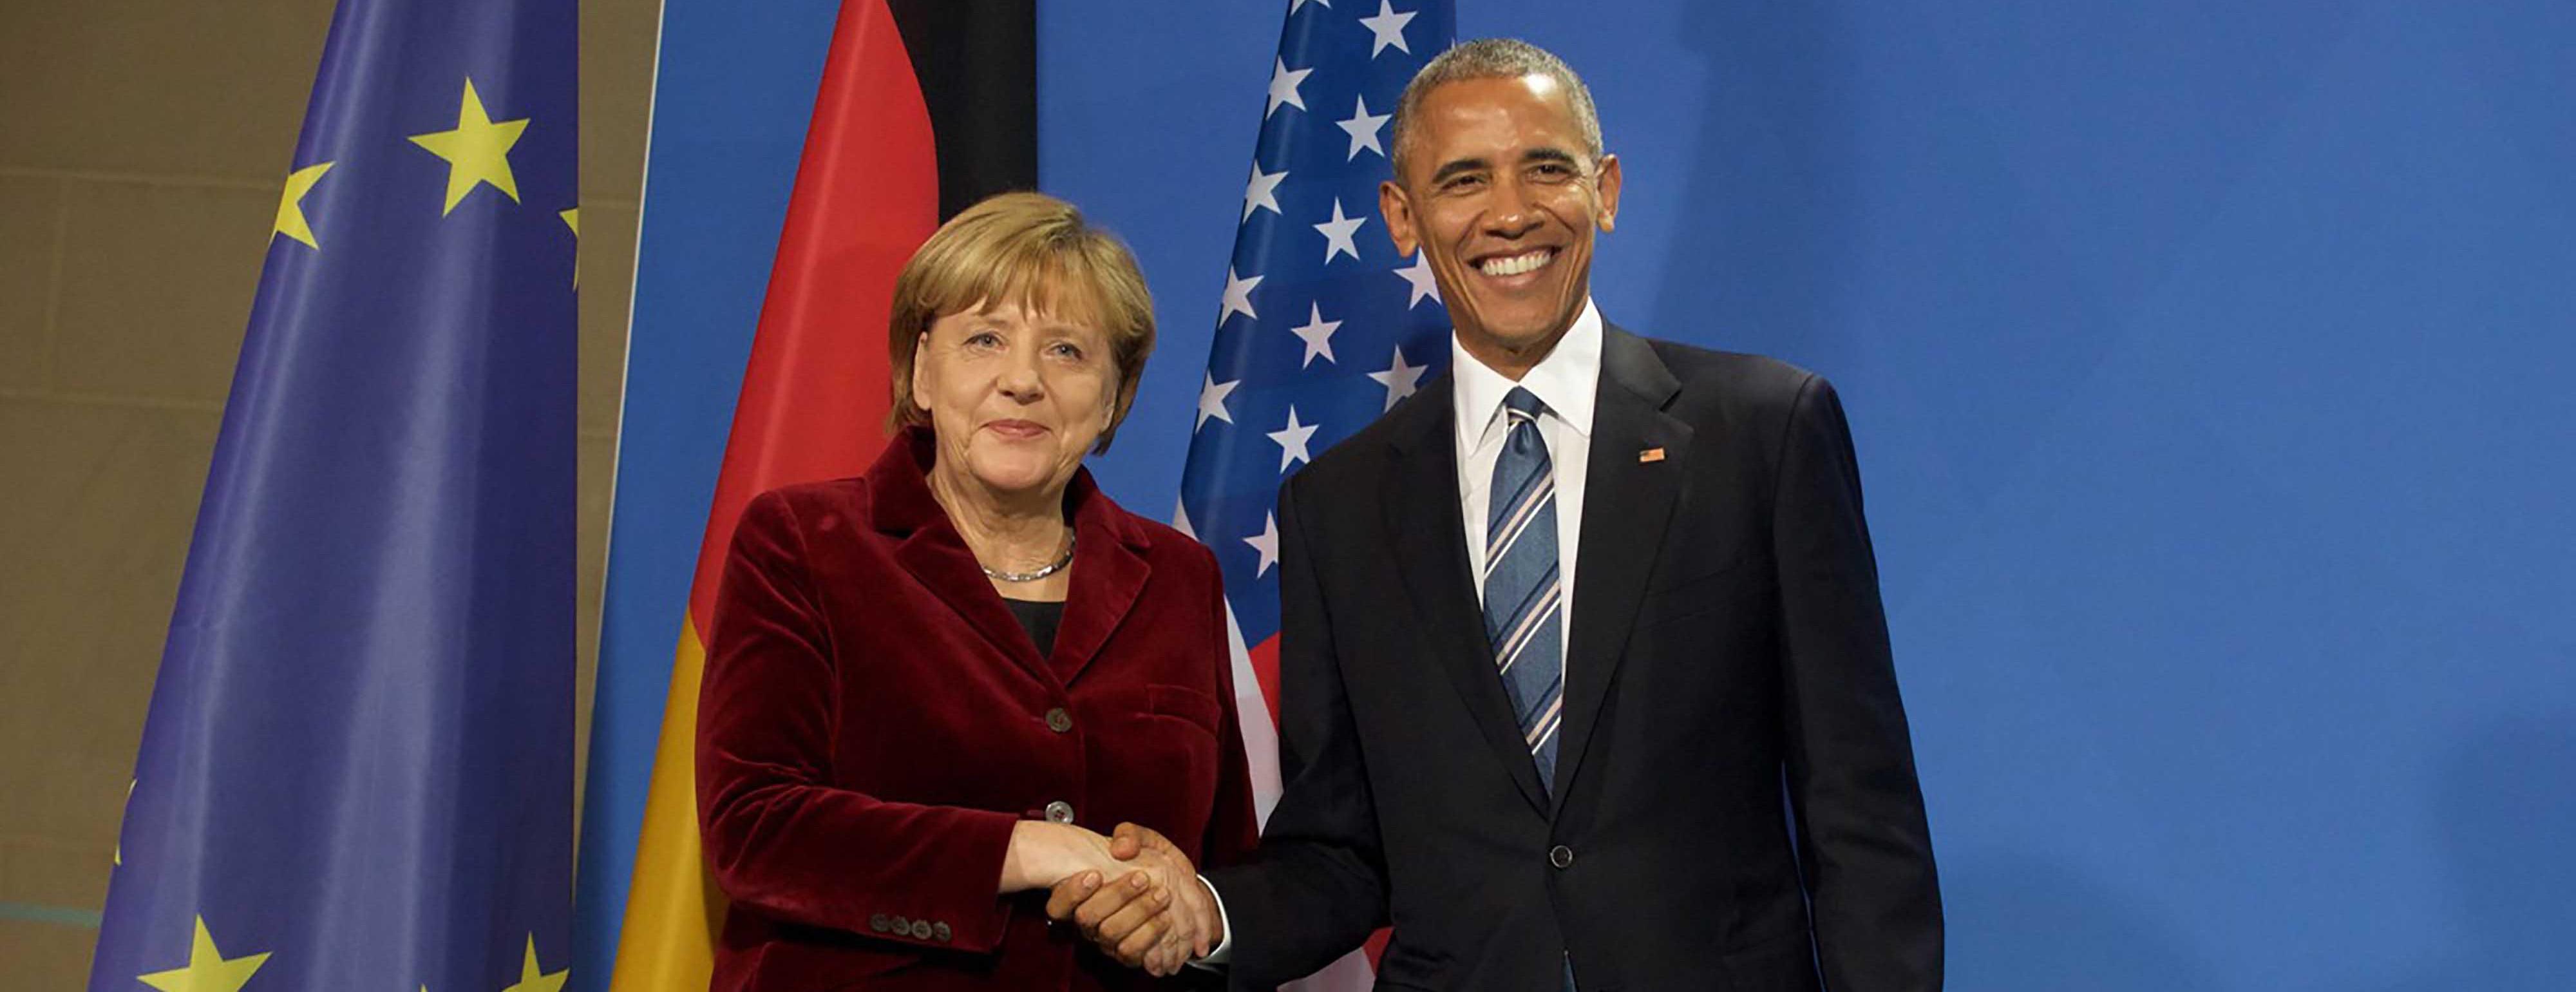 L effetto Trump e la Germania